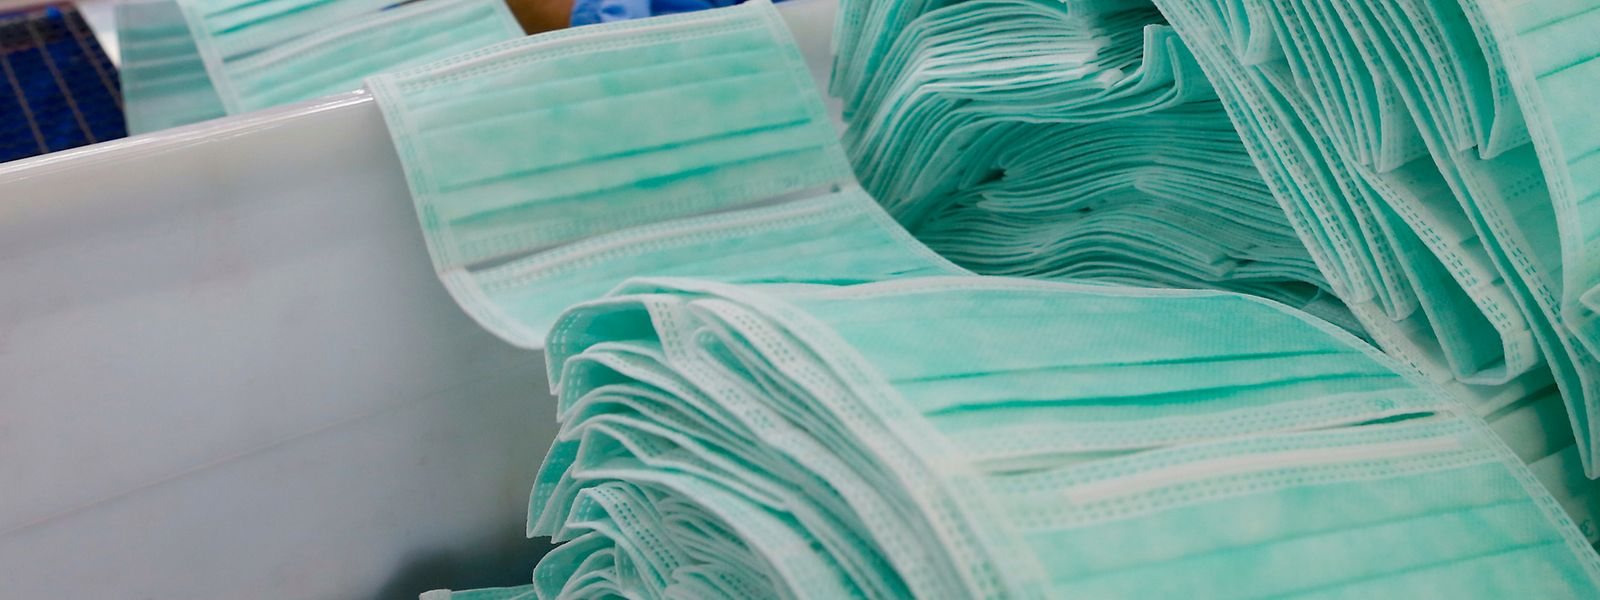 Le ministère de la Santé n'a pas précisé le nombre de masques défectueux